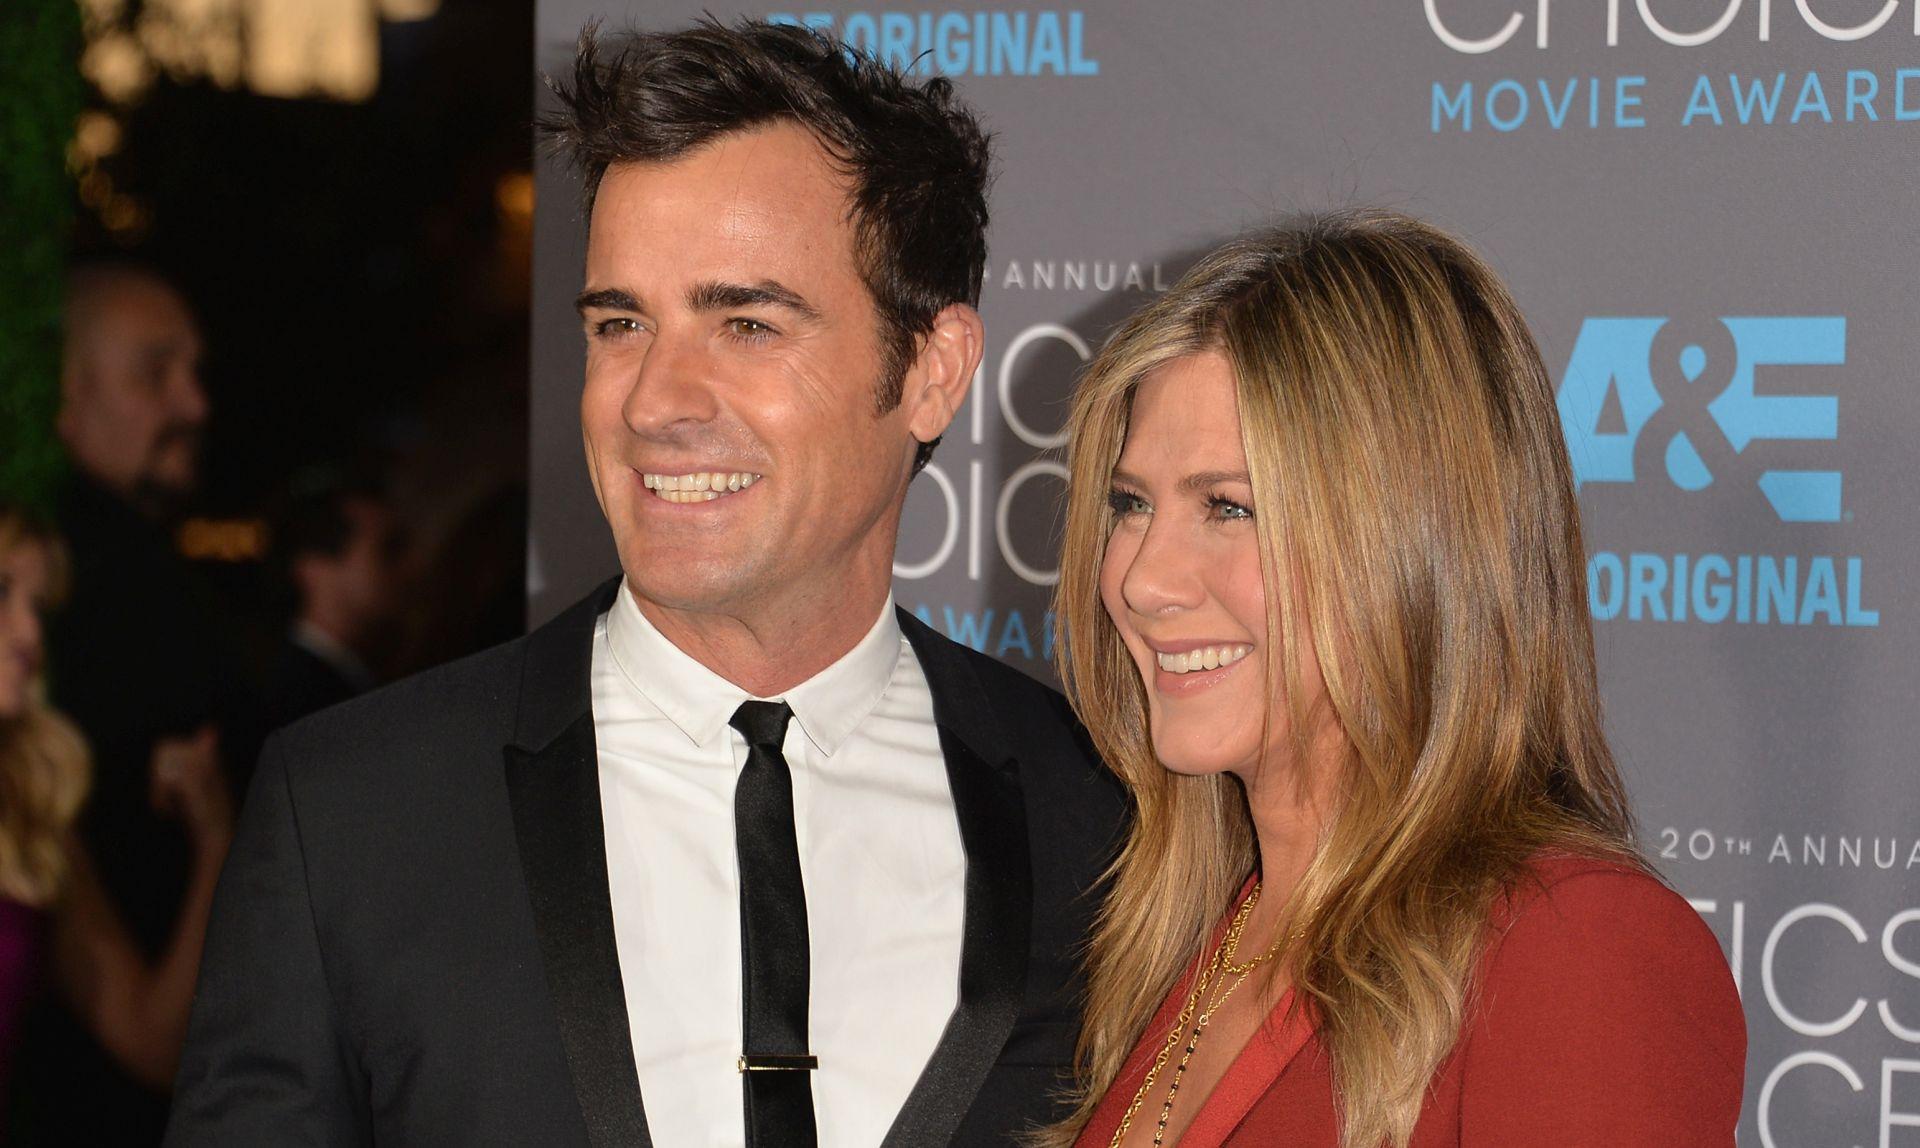 NAKON TROGODIŠNJIH ZARUKA Jennifer Aniston i Justin Theroux vjenčali se na intimnoj ceremoniji